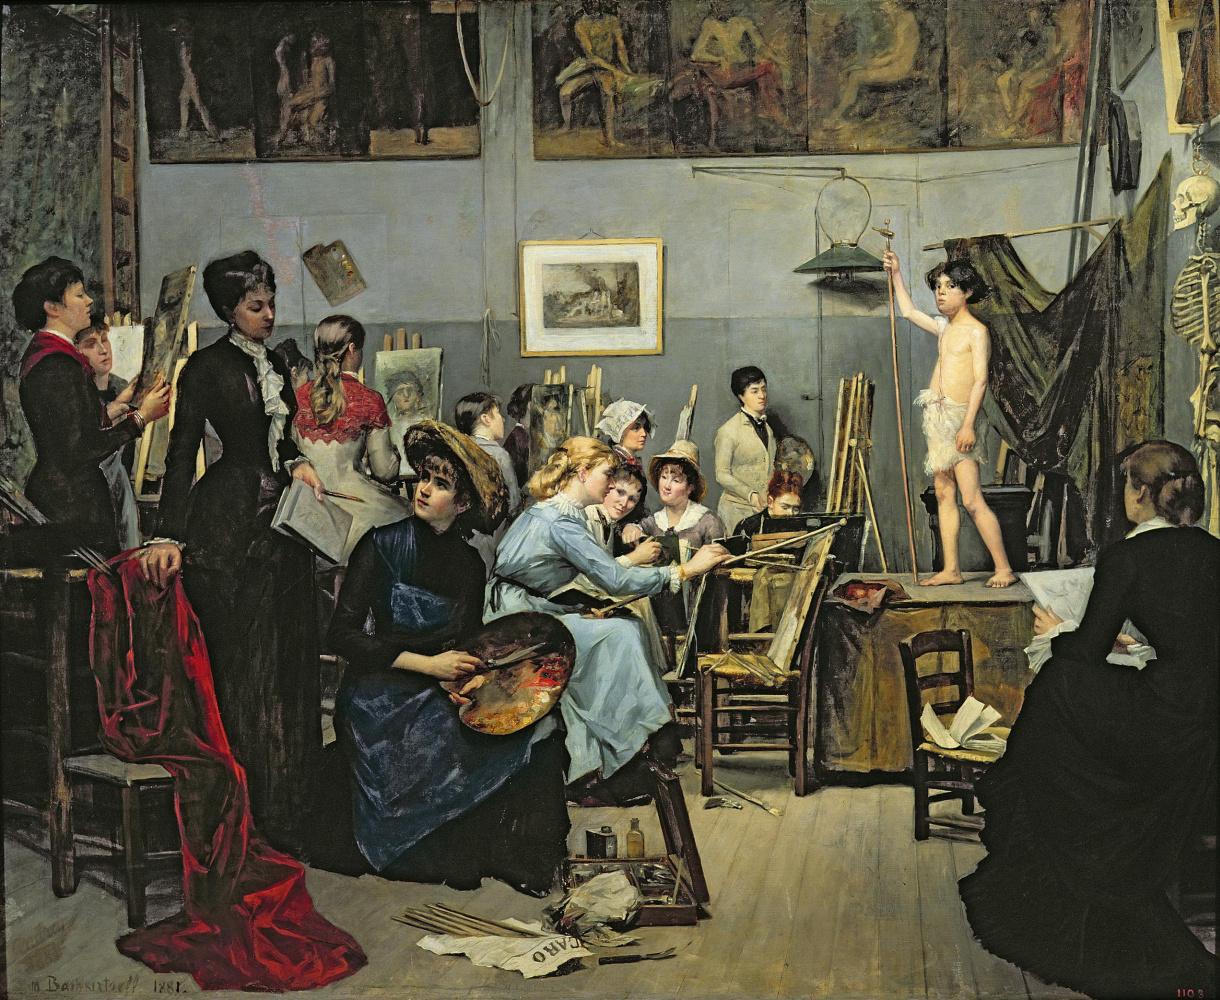 Мария Константиновна Башкирцева. In the Studio. Workshop Juliane